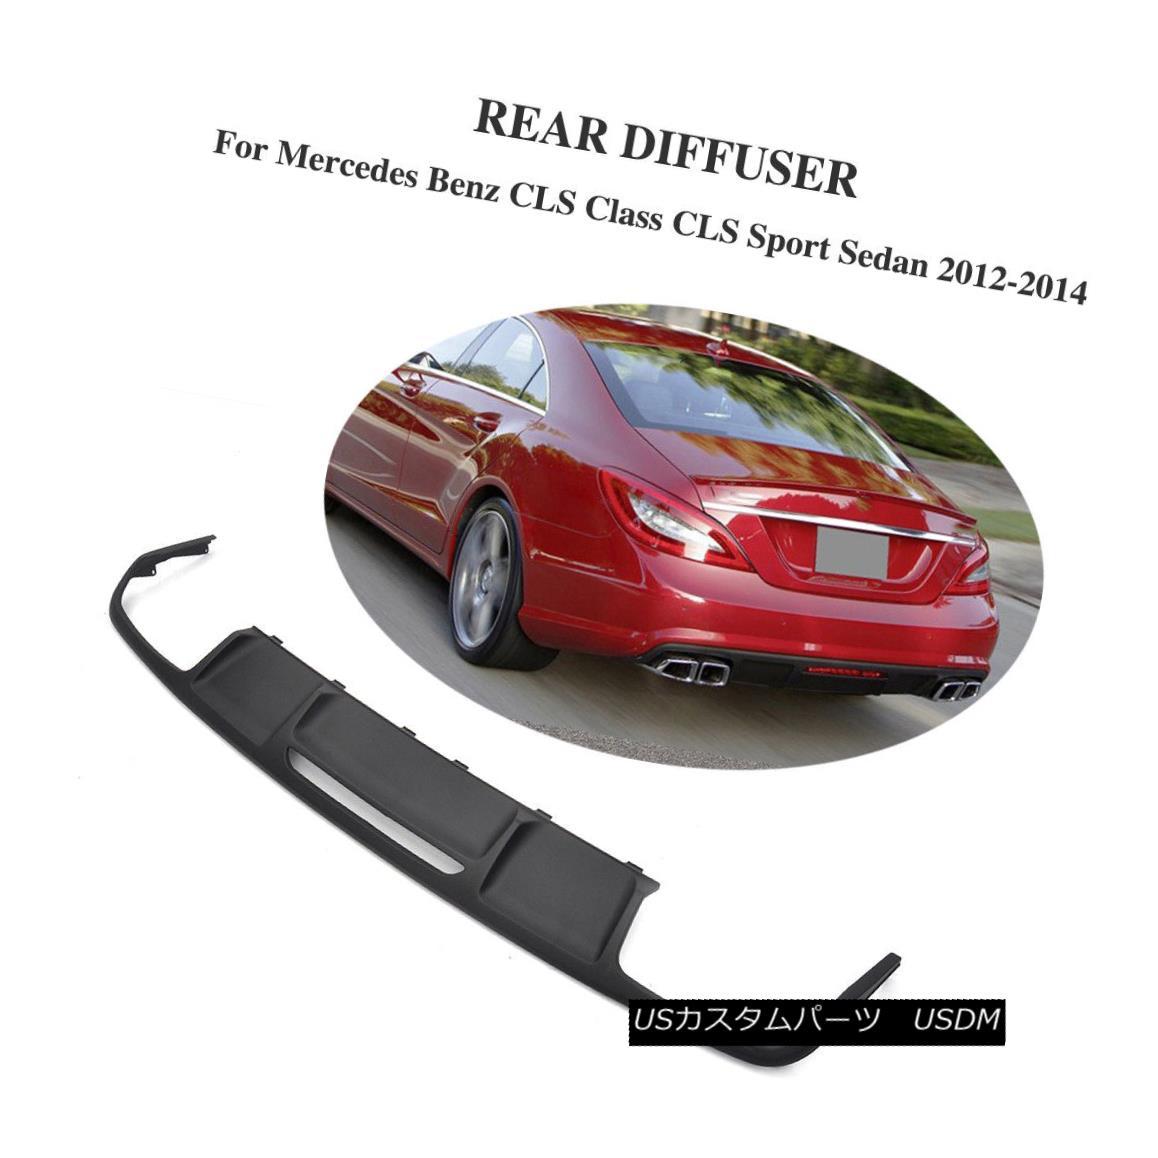 エアロパーツ PP Rear Diffuser Lip Fit For Mercedes Benz CLS Class CLS63 Sport Sedan 2012-2014 Mercedes Benz CLS CLS63スポーツセダン2012-2014用PPリアディフューザーリップフィット